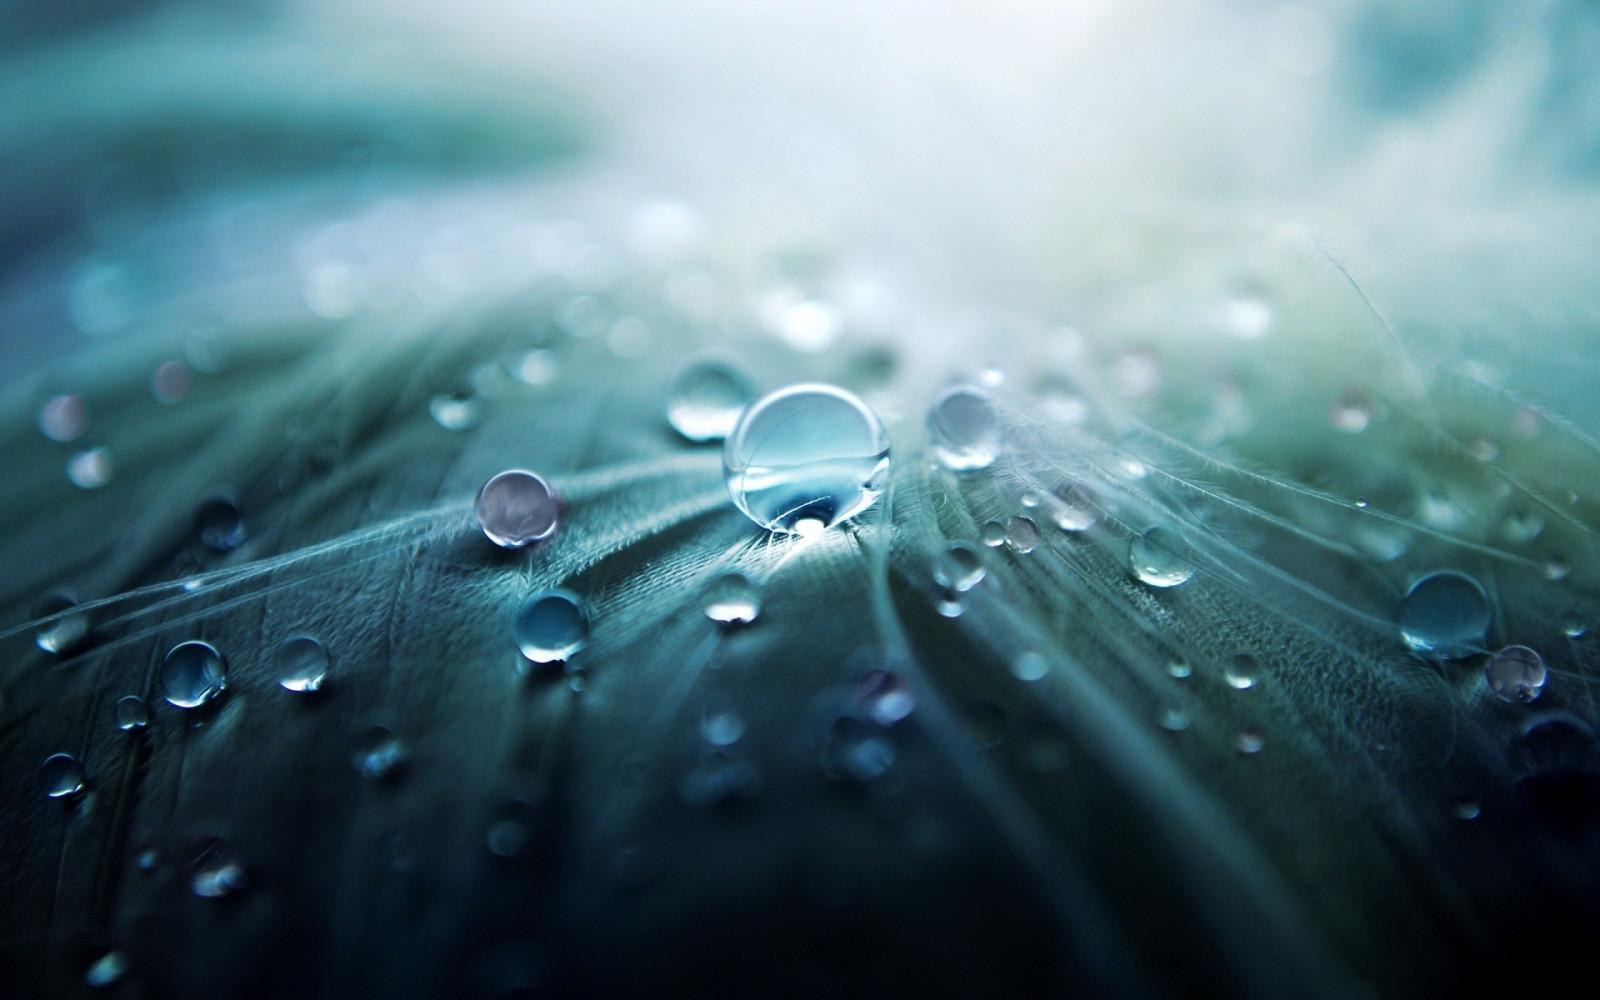 воды капельки картинки красивые